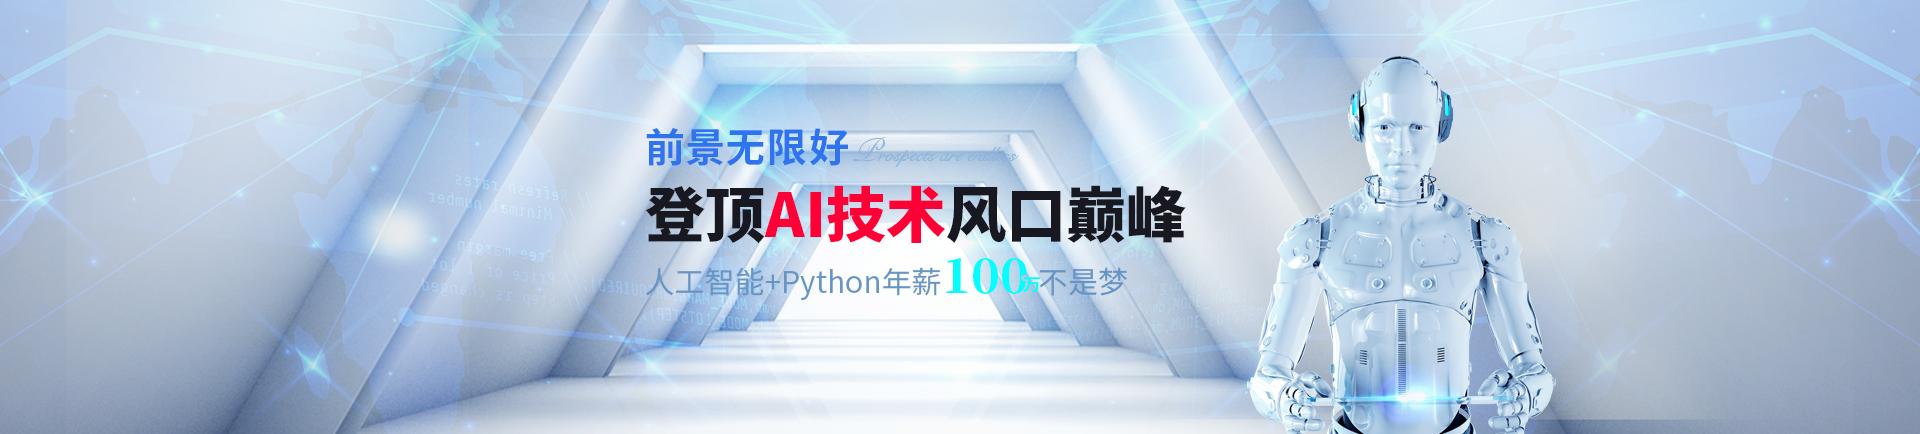 登顶AI技术风�巅峰 人工智能+Python年薪100万�是梦-beijing